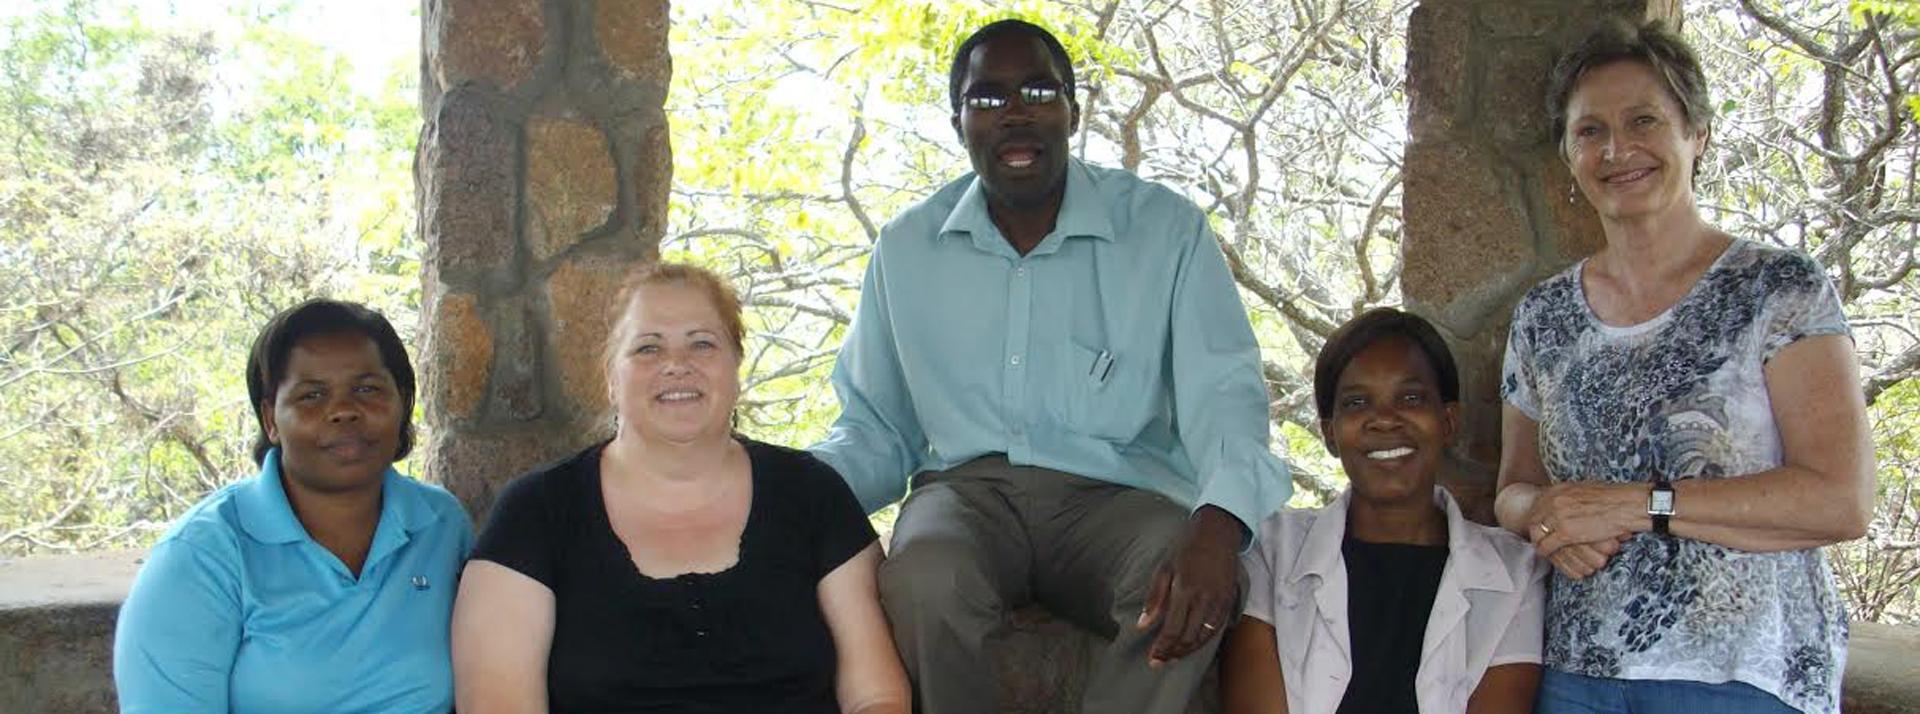 Our Staff in Bulawayo